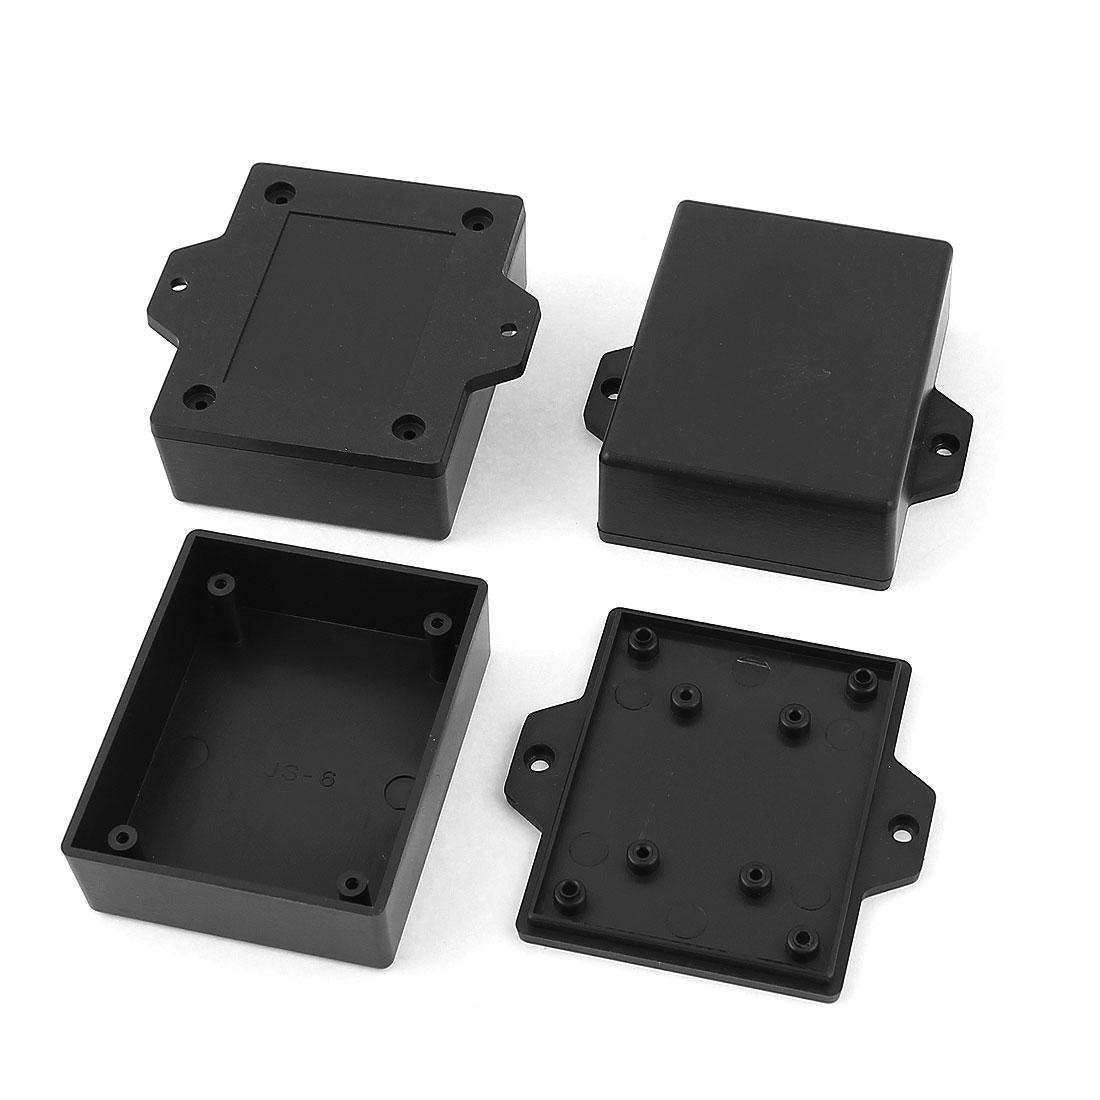 Plastic Enclosure Electric Project Case Junction Box 62x50x23mm Black 3pcs